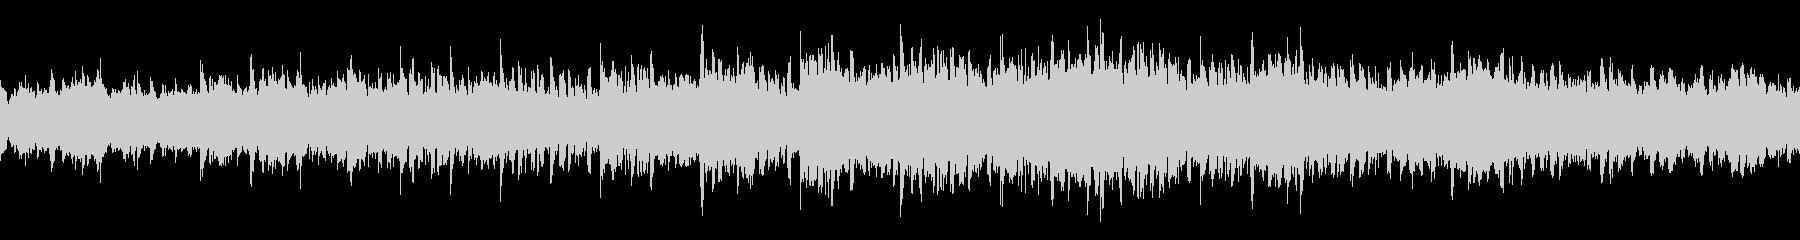 BGMに最適なシンセサイザーの曲の未再生の波形